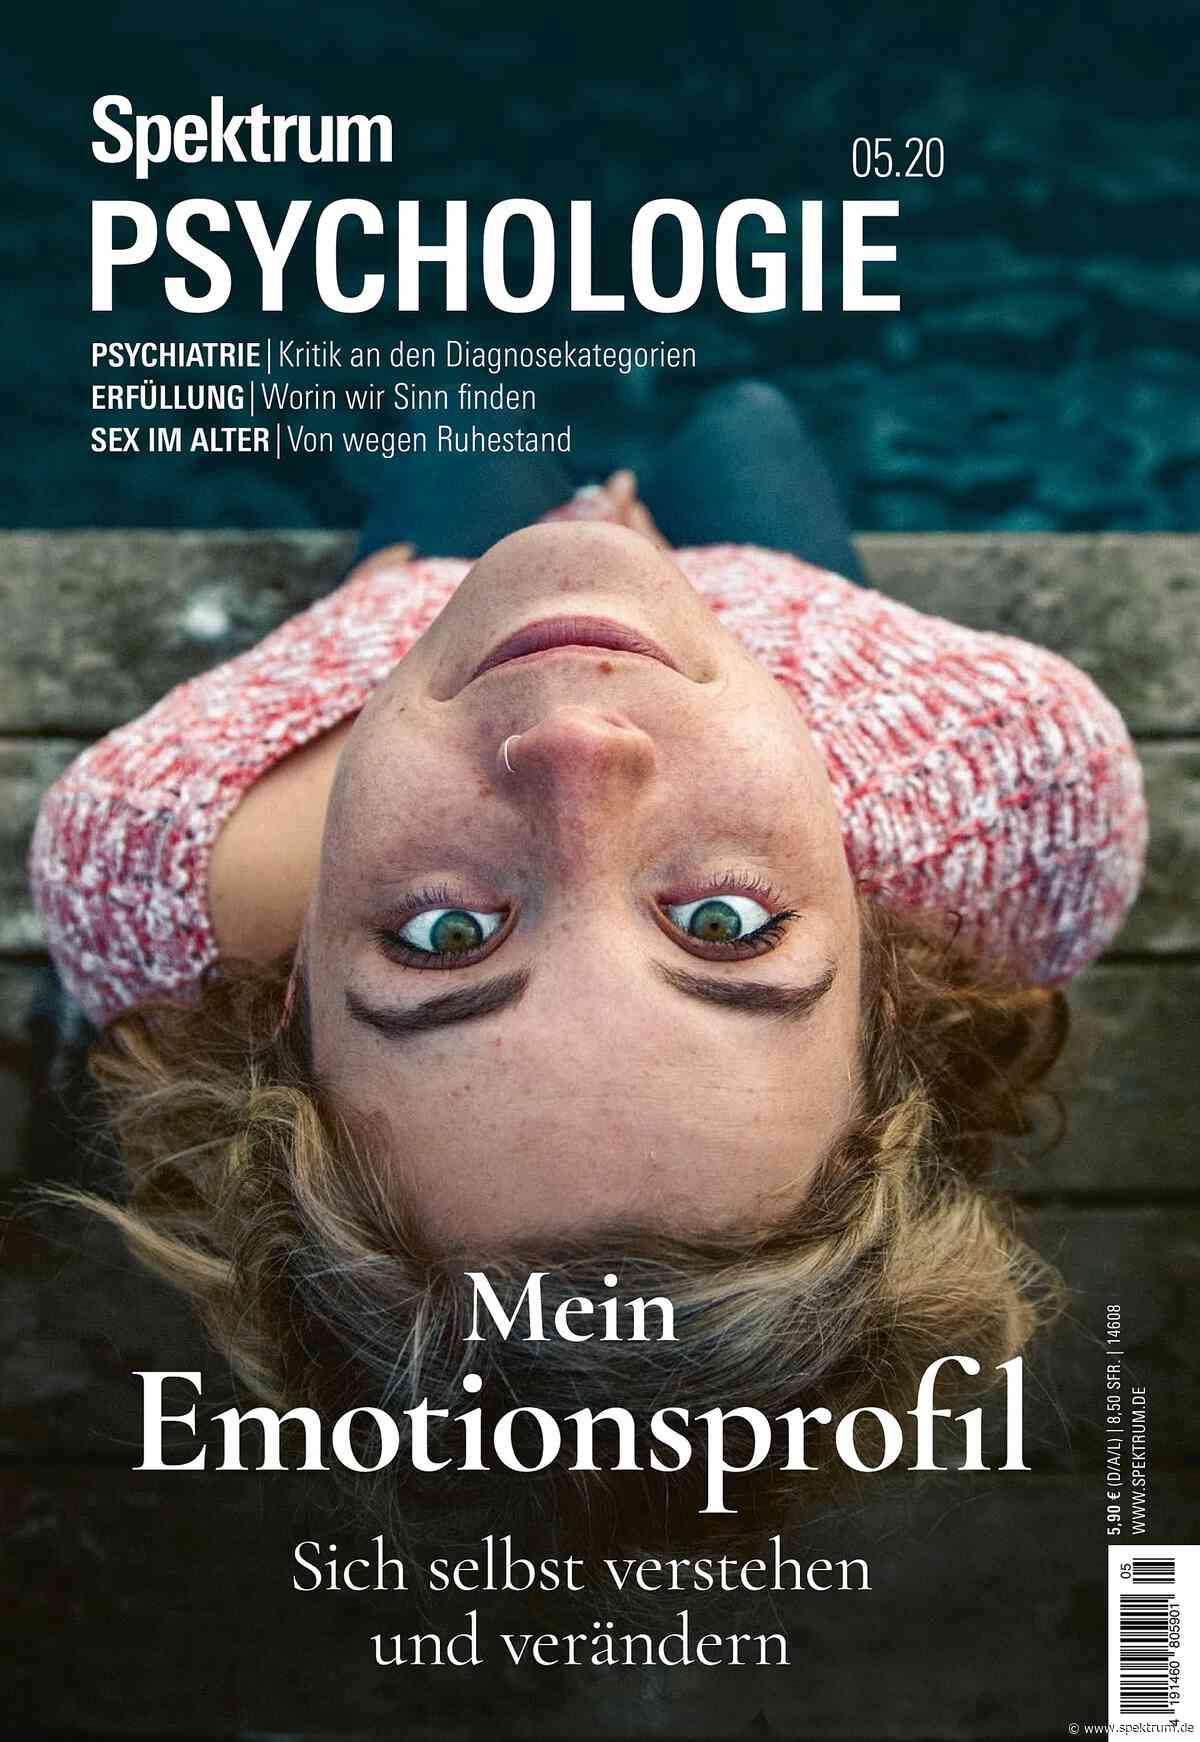 Emotionen - Spektrum Psychologie 5/2020 - Spektrum der Wissenschaft